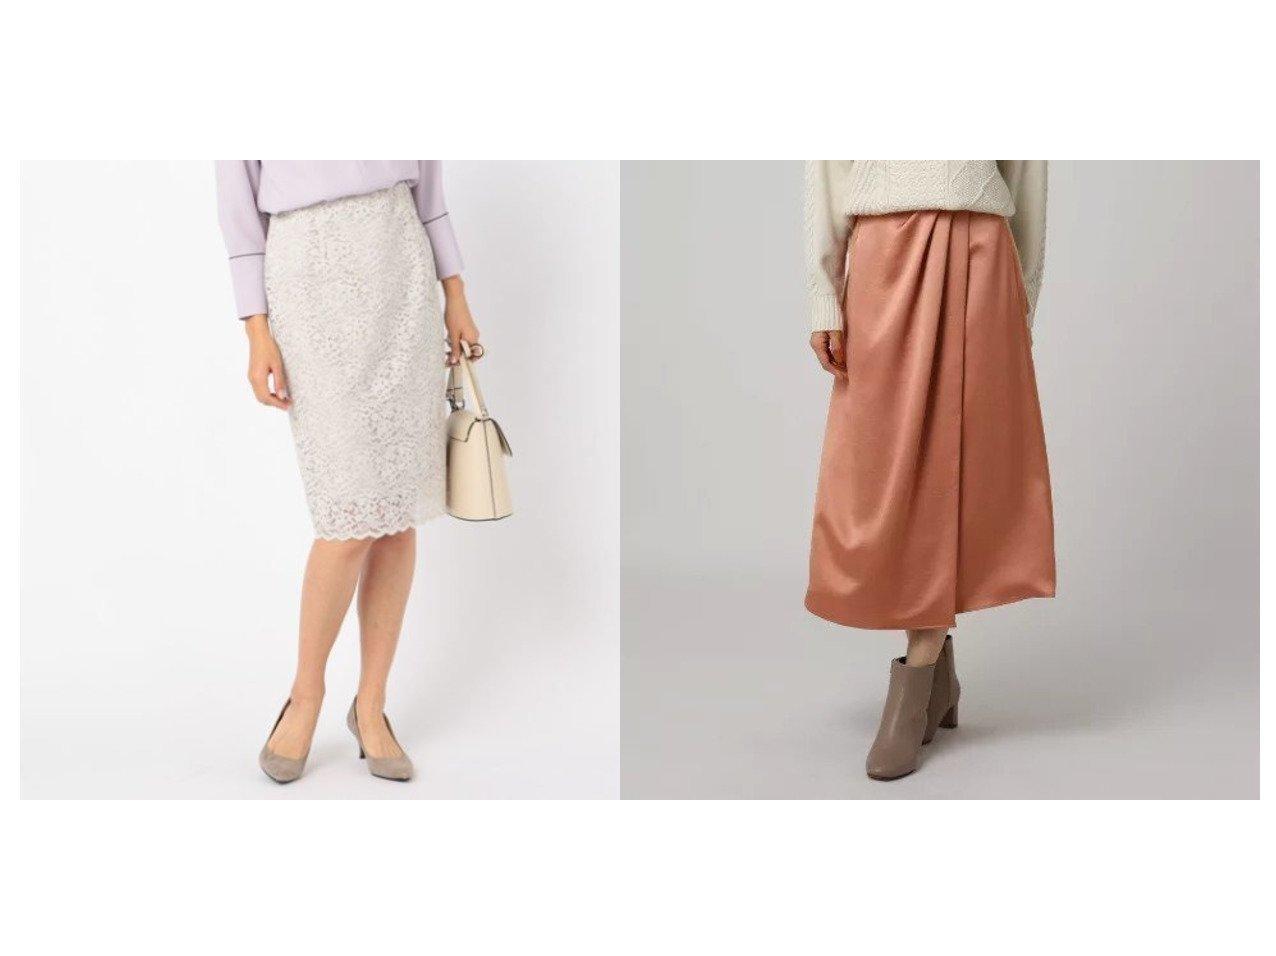 【UNTITLED/FAIRY SHADE/フェアリー シェード】のヴィンテージサテンラップ風スカート&【NOLLEY'S sophi/ノーリーズソフィー】のレーススカート スカートのおすすめ!人気、レディースファッションの通販  おすすめで人気のファッション通販商品 インテリア・家具・キッズファッション・メンズファッション・レディースファッション・服の通販 founy(ファニー) https://founy.com/ ファッション Fashion レディース WOMEN スカート Skirt エレガント レース サテン ラップ |ID:crp329100000004070